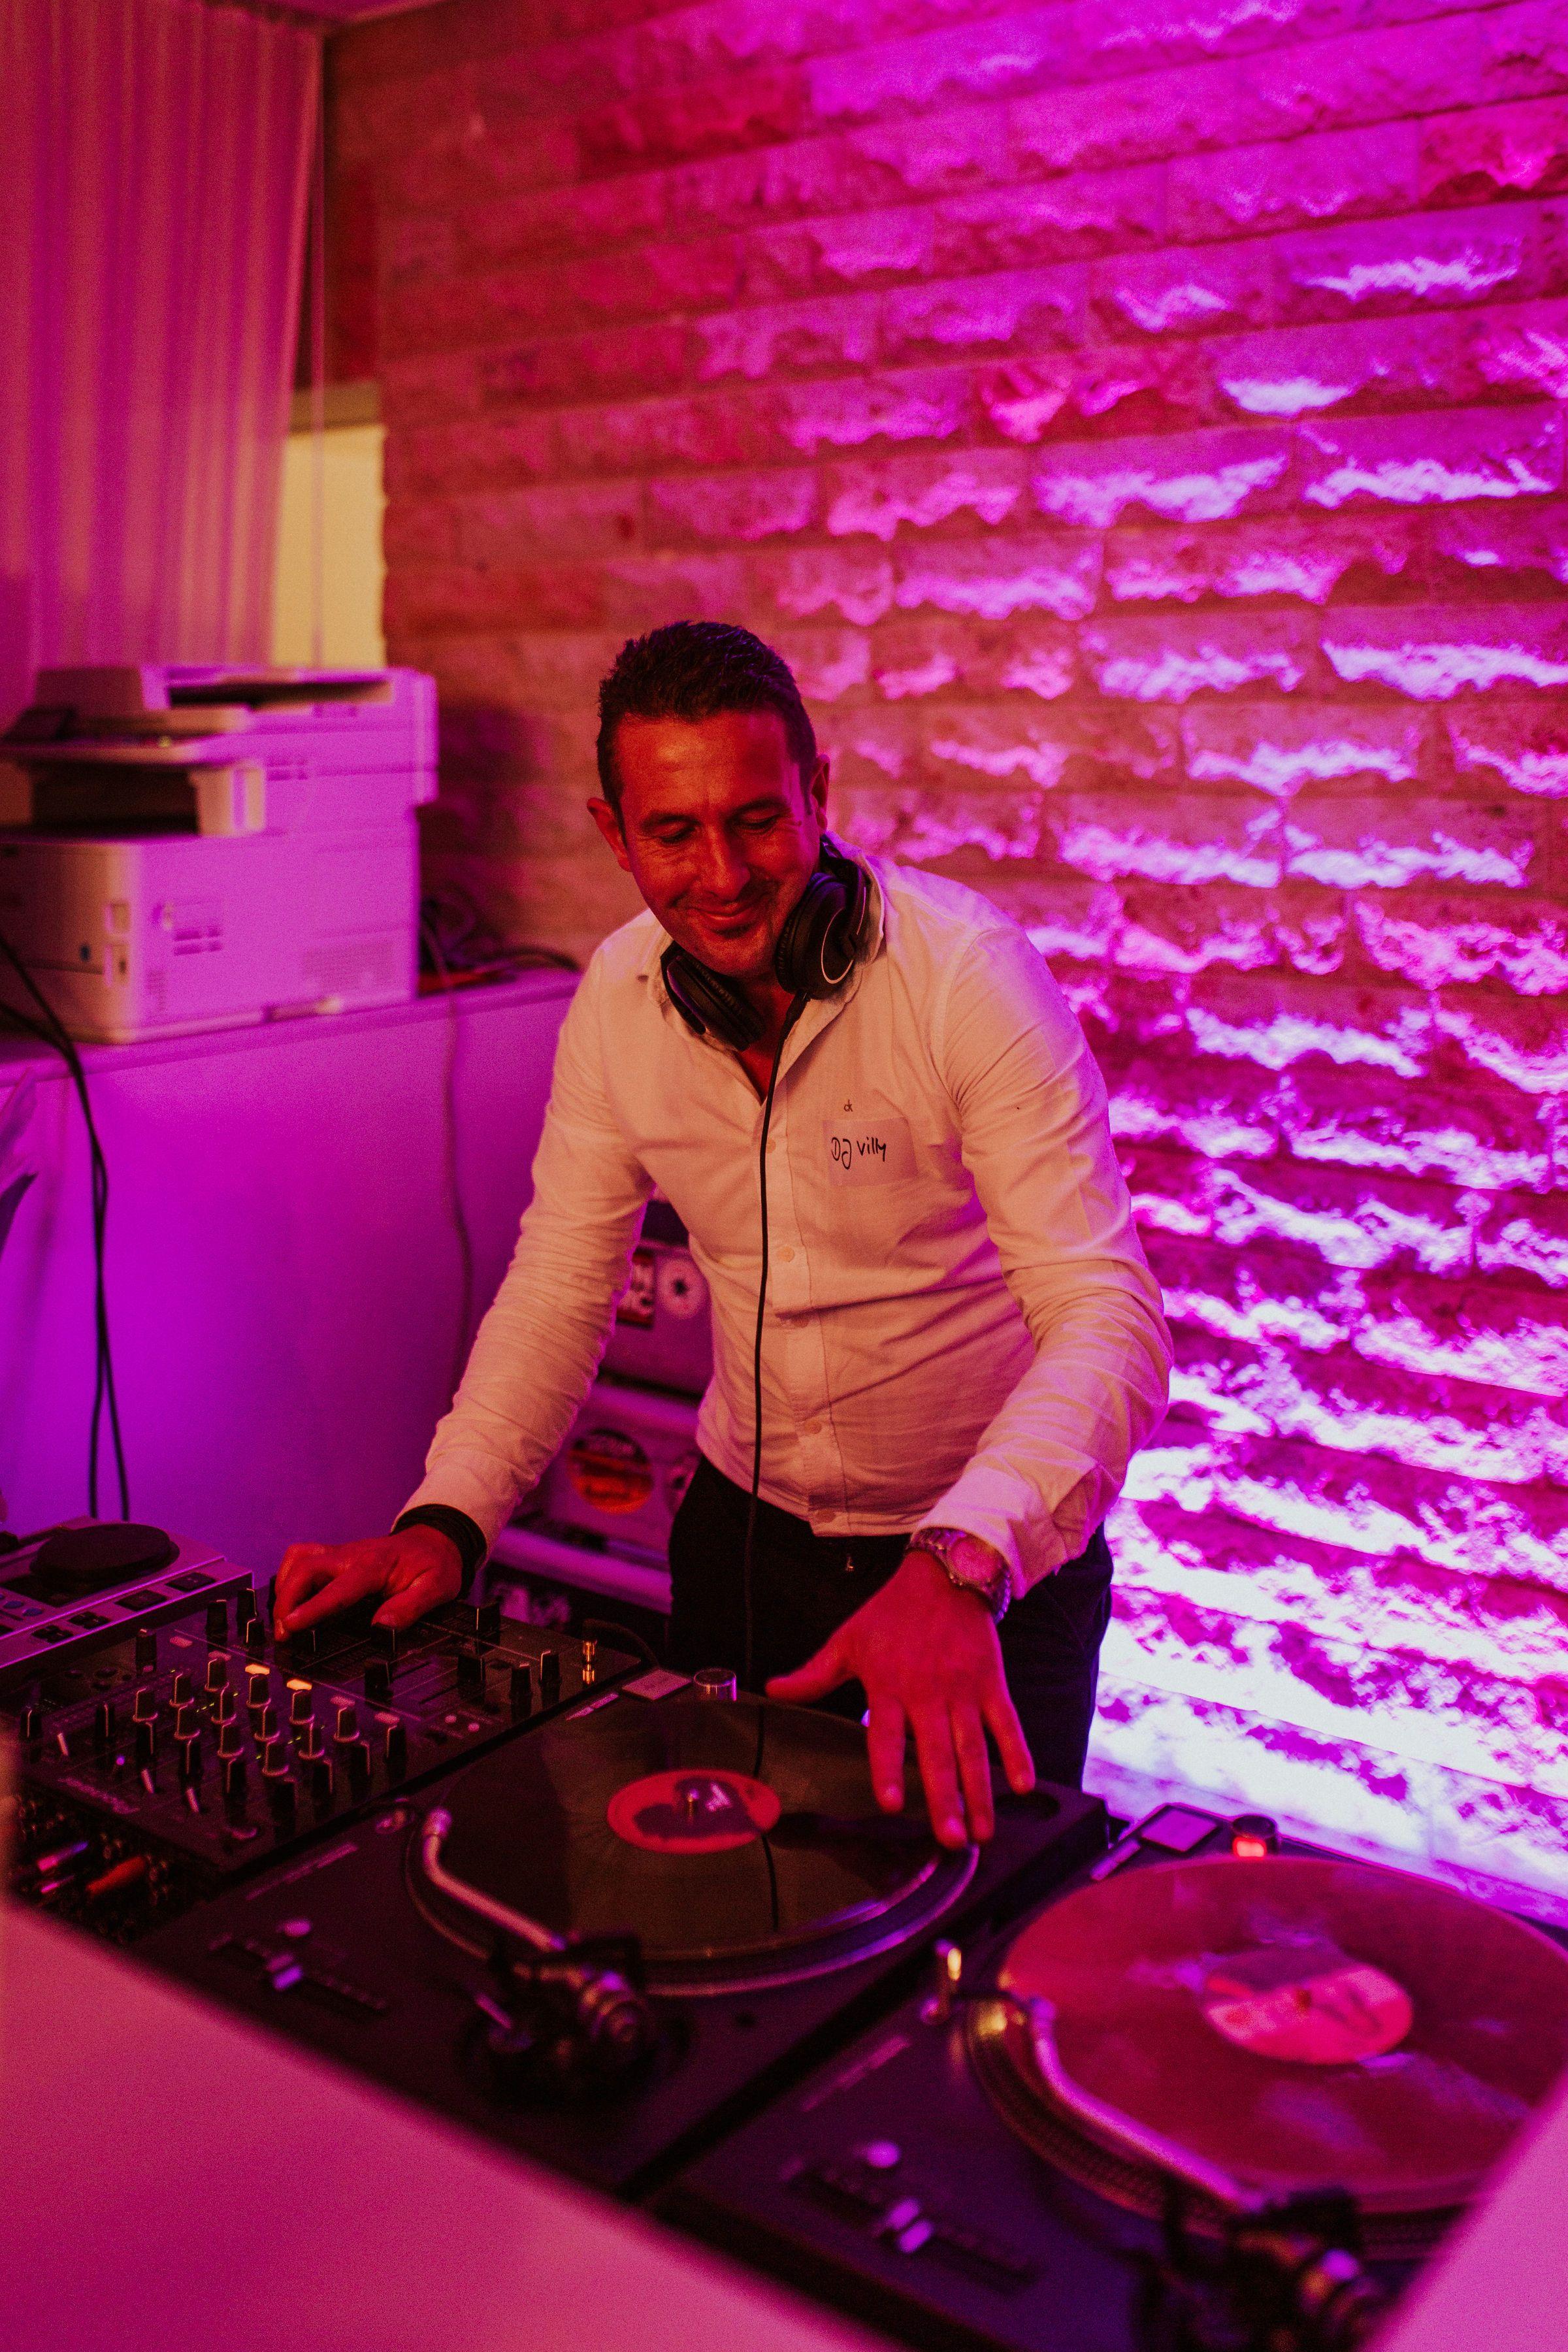 Ich Bin Vinyl Dj Fur Hochzeiten Im Raum Nrw Dusseldorf Dj Hochzeits Dj Brautpaar